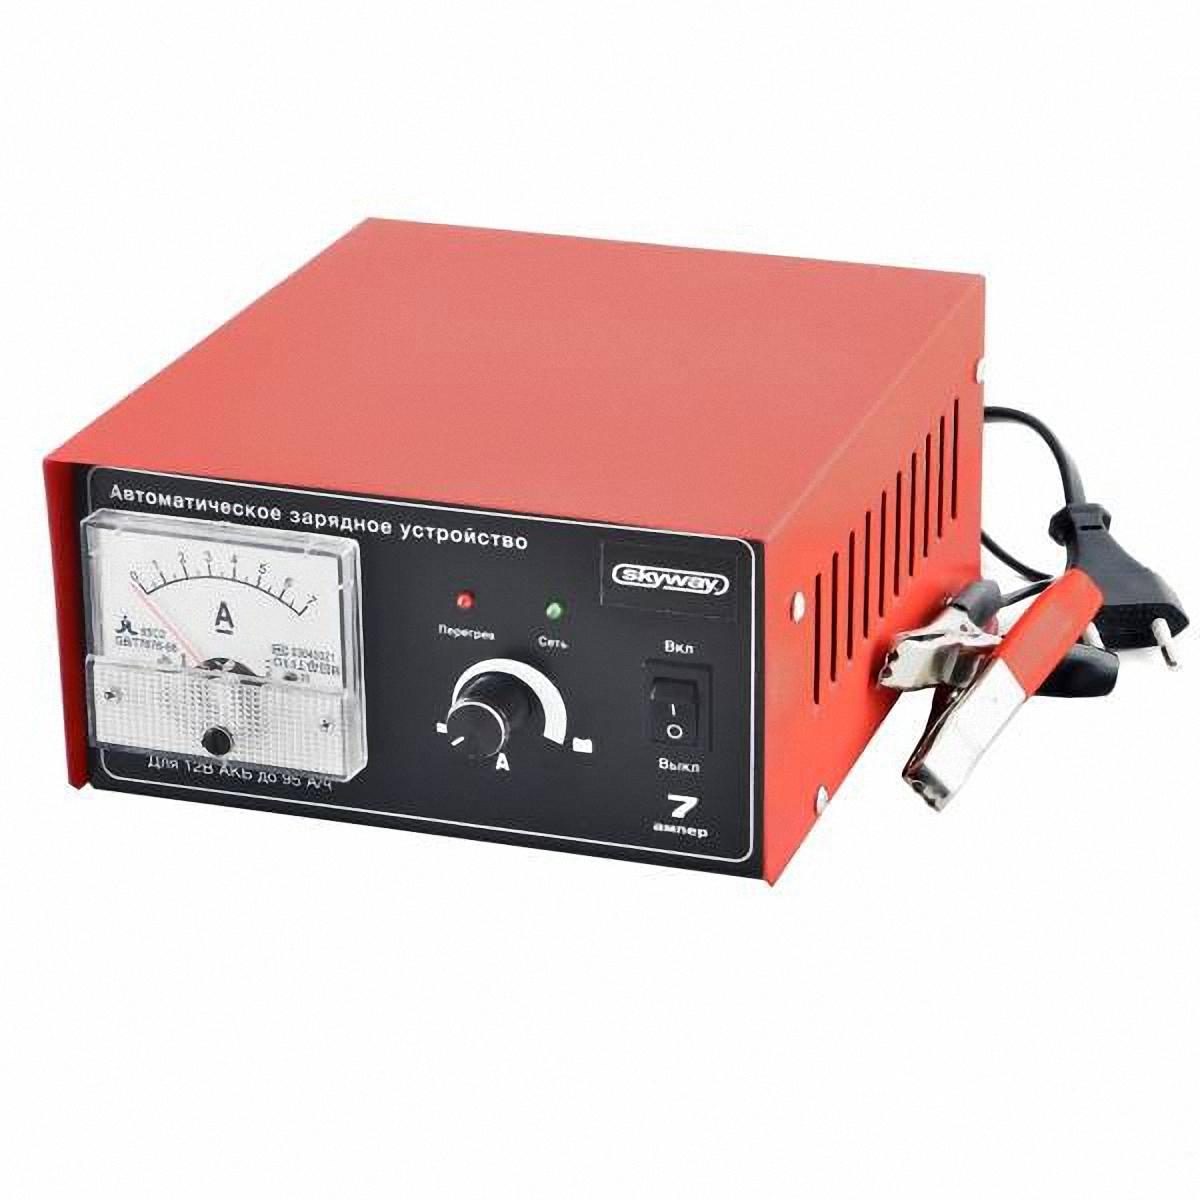 Устройство зарядное для аккумулятора Skyway. S038010016956229900215Импульсное автоматическое зарядно-предпусковое устройство для всех типов аккумуляторных батарей 7А. Особенности: Оптимальное сочетание напряжения и тока.Зарядка необслуживаемых АКБ.Зарядка без отключения и снятия АКБ с автомобиля.Использование в качестве источника питания.Защита неправильного подключения.Защита от перегрузок и короткого замыкания.Защита от перегрева. Для аккумуляторных батарей 12 В.Емкость аккумуляторной батареи - до 95 А/ч.Напряжение питания сети - 180-240В/50 Гц.Потребляемый ток - 0.7 А.Потребляемая мощность - 140 ВТ.Максимальное выходное напряжение - 14,8 В.Ток зарядки - 0,4-7 А.